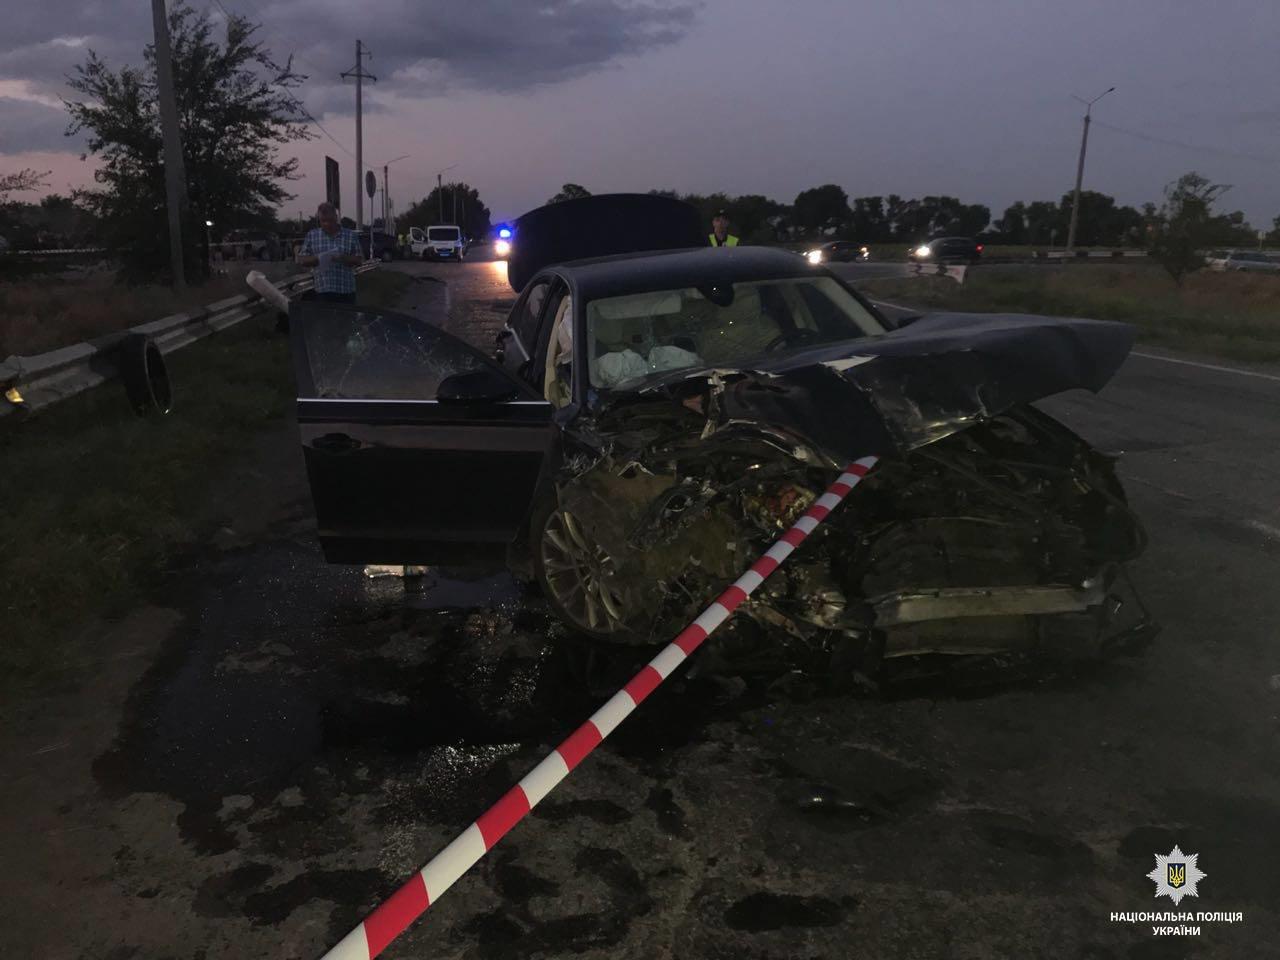 На Днепропетровщине после столкновения с Audi перевернулся автобус: 2 погибших, 23 травмированных, - ФОТО, ВИДЕО, фото-1